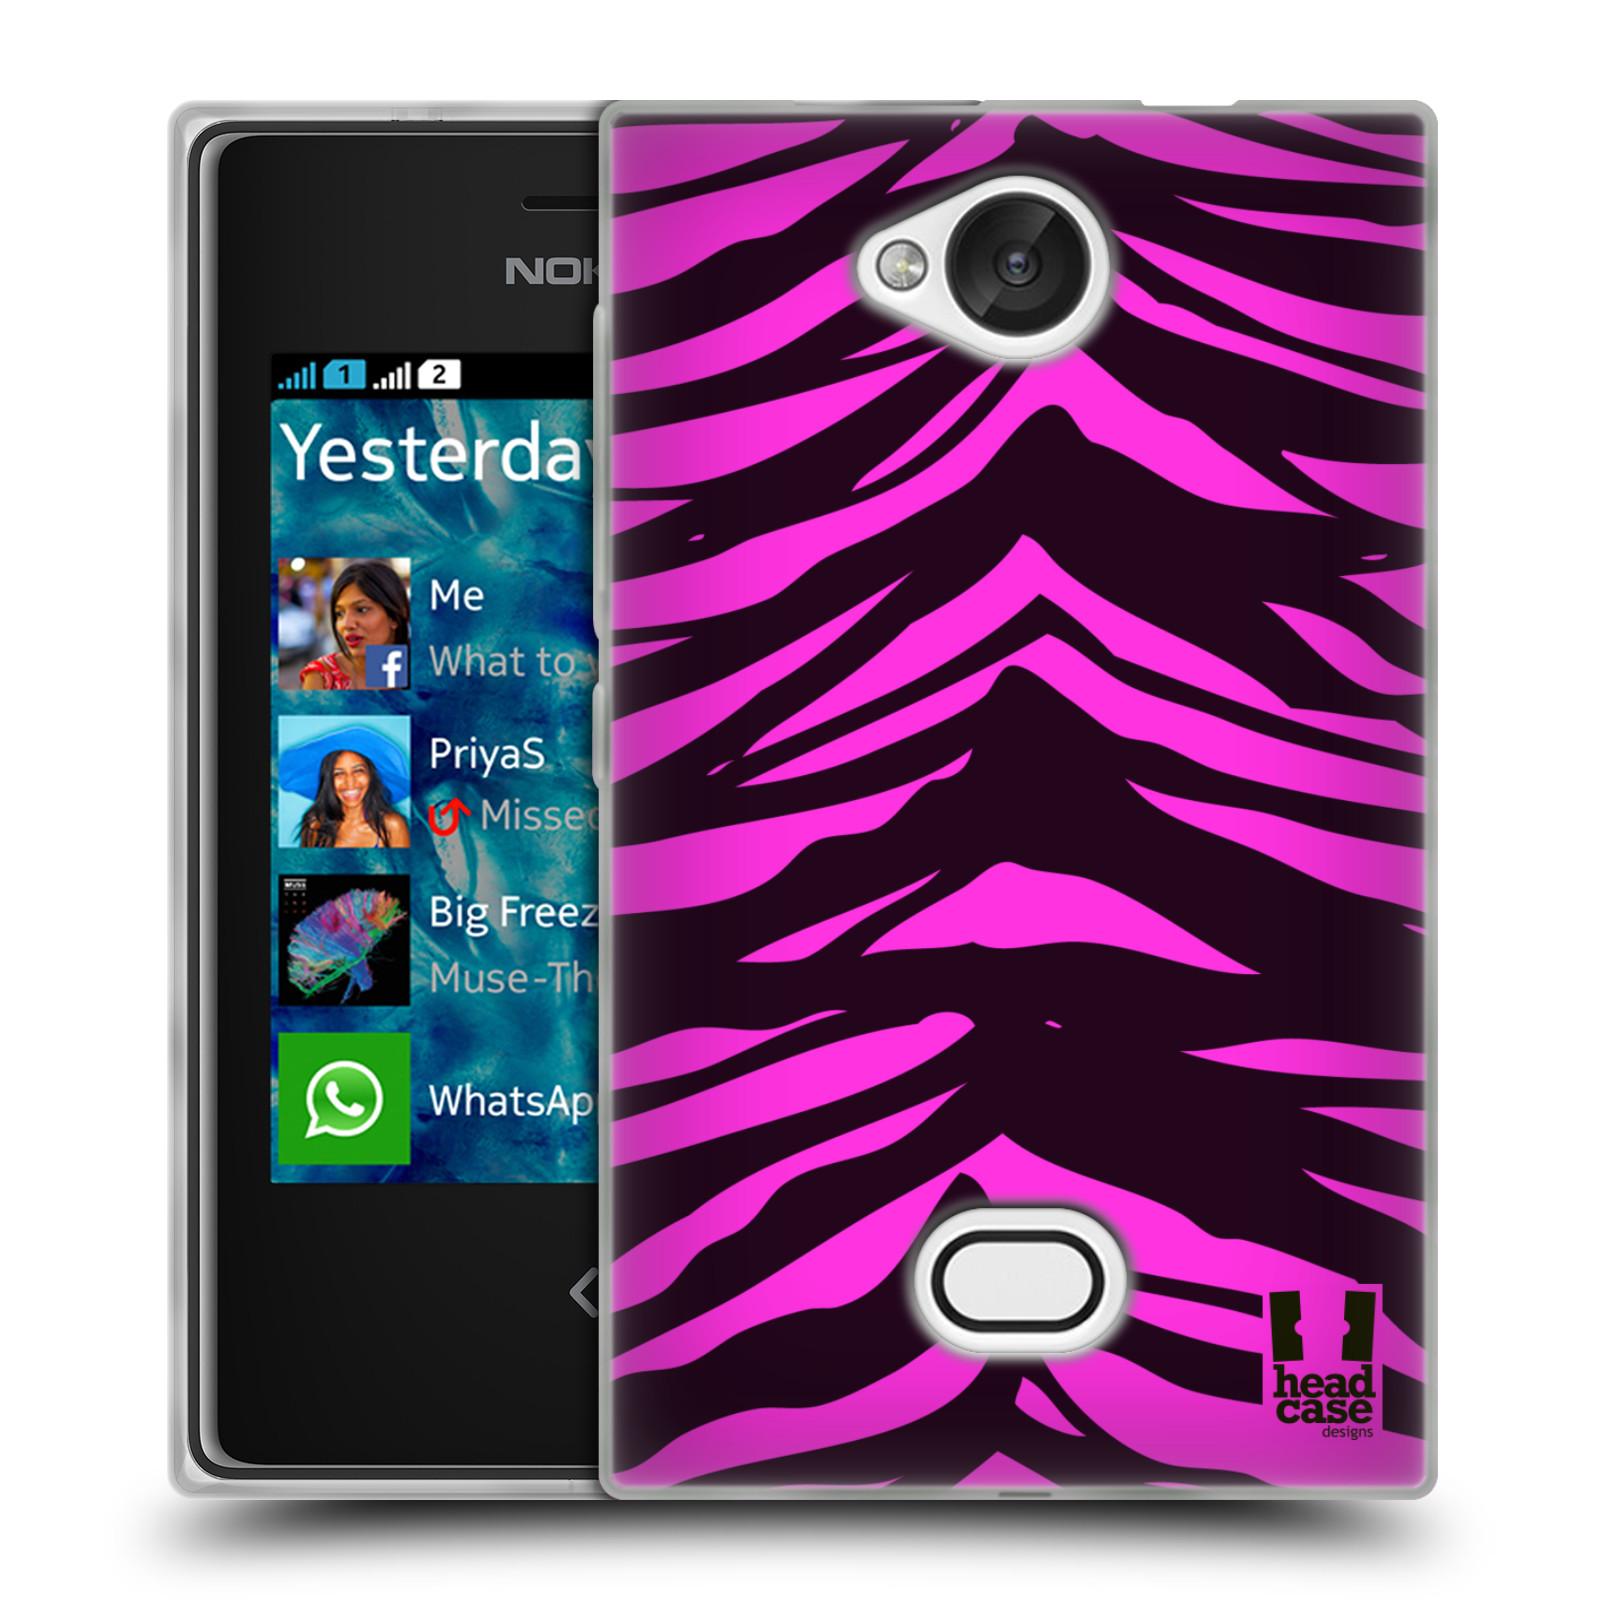 HEAD CASE silikonový obal na mobil NOKIA Asha 503 vzor Divočina zvíře tygr anilinová/fialová